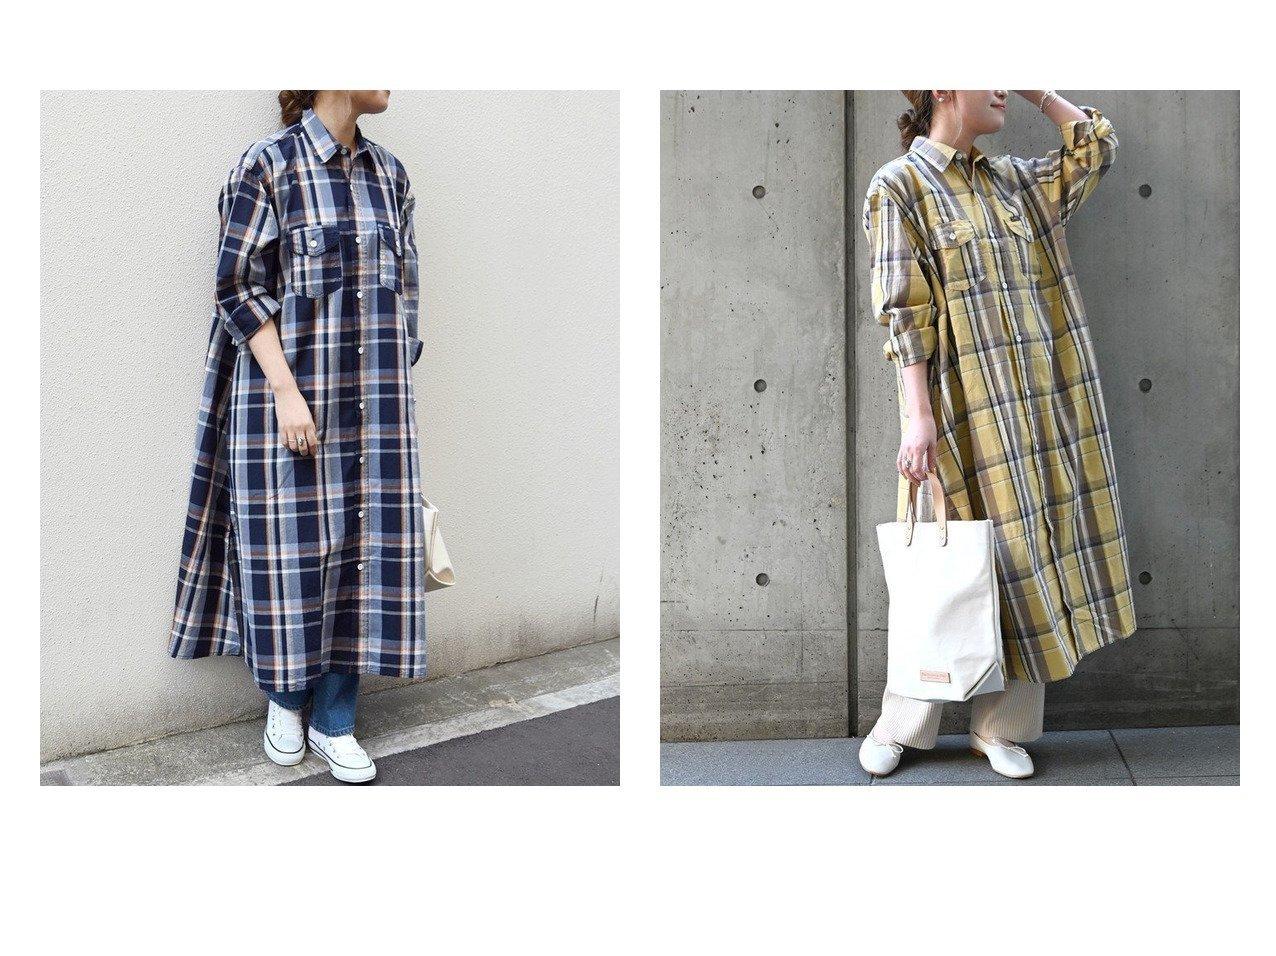 【SHIPS any/シップス エニィ】の【SHIPS any別注】Lee チェック シャツワンピース ワンピース・ドレスのおすすめ!人気、トレンド・レディースファッションの通販 おすすめで人気の流行・トレンド、ファッションの通販商品 メンズファッション・キッズファッション・インテリア・家具・レディースファッション・服の通販 founy(ファニー) https://founy.com/ ファッション Fashion レディースファッション WOMEN ワンピース Dress シャツワンピース Shirt Dresses イエロー 春 Spring チェック フレア ベスト 別注 再入荷 Restock/Back in Stock/Re Arrival S/S 春夏 SS Spring/Summer おすすめ Recommend |ID:crp329100000023625